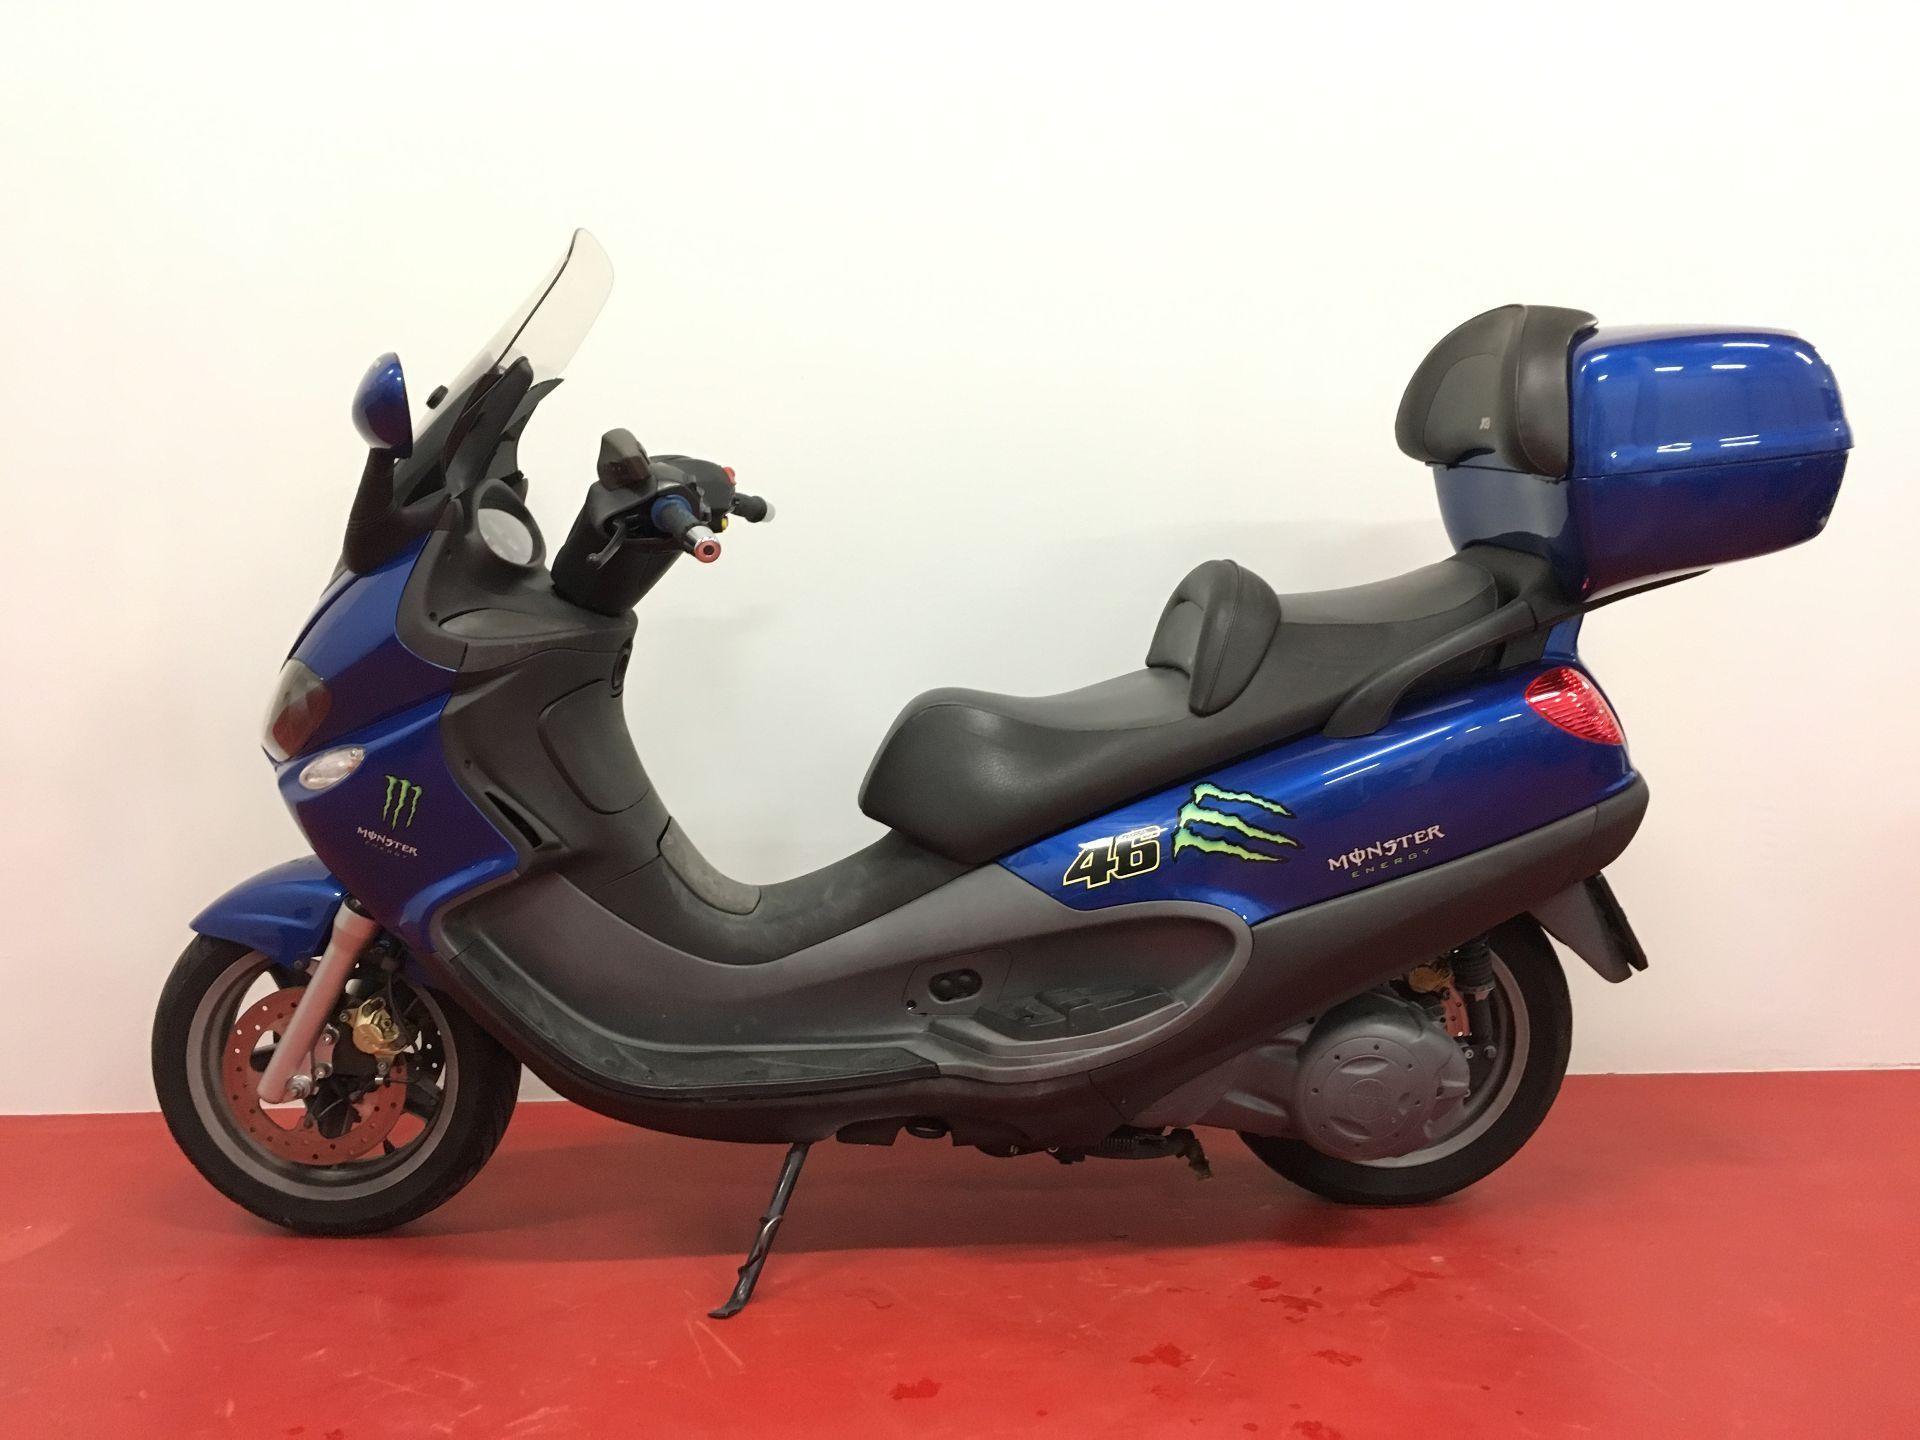 motorrad occasion kaufen piaggio x9 500 centro moto ticino. Black Bedroom Furniture Sets. Home Design Ideas